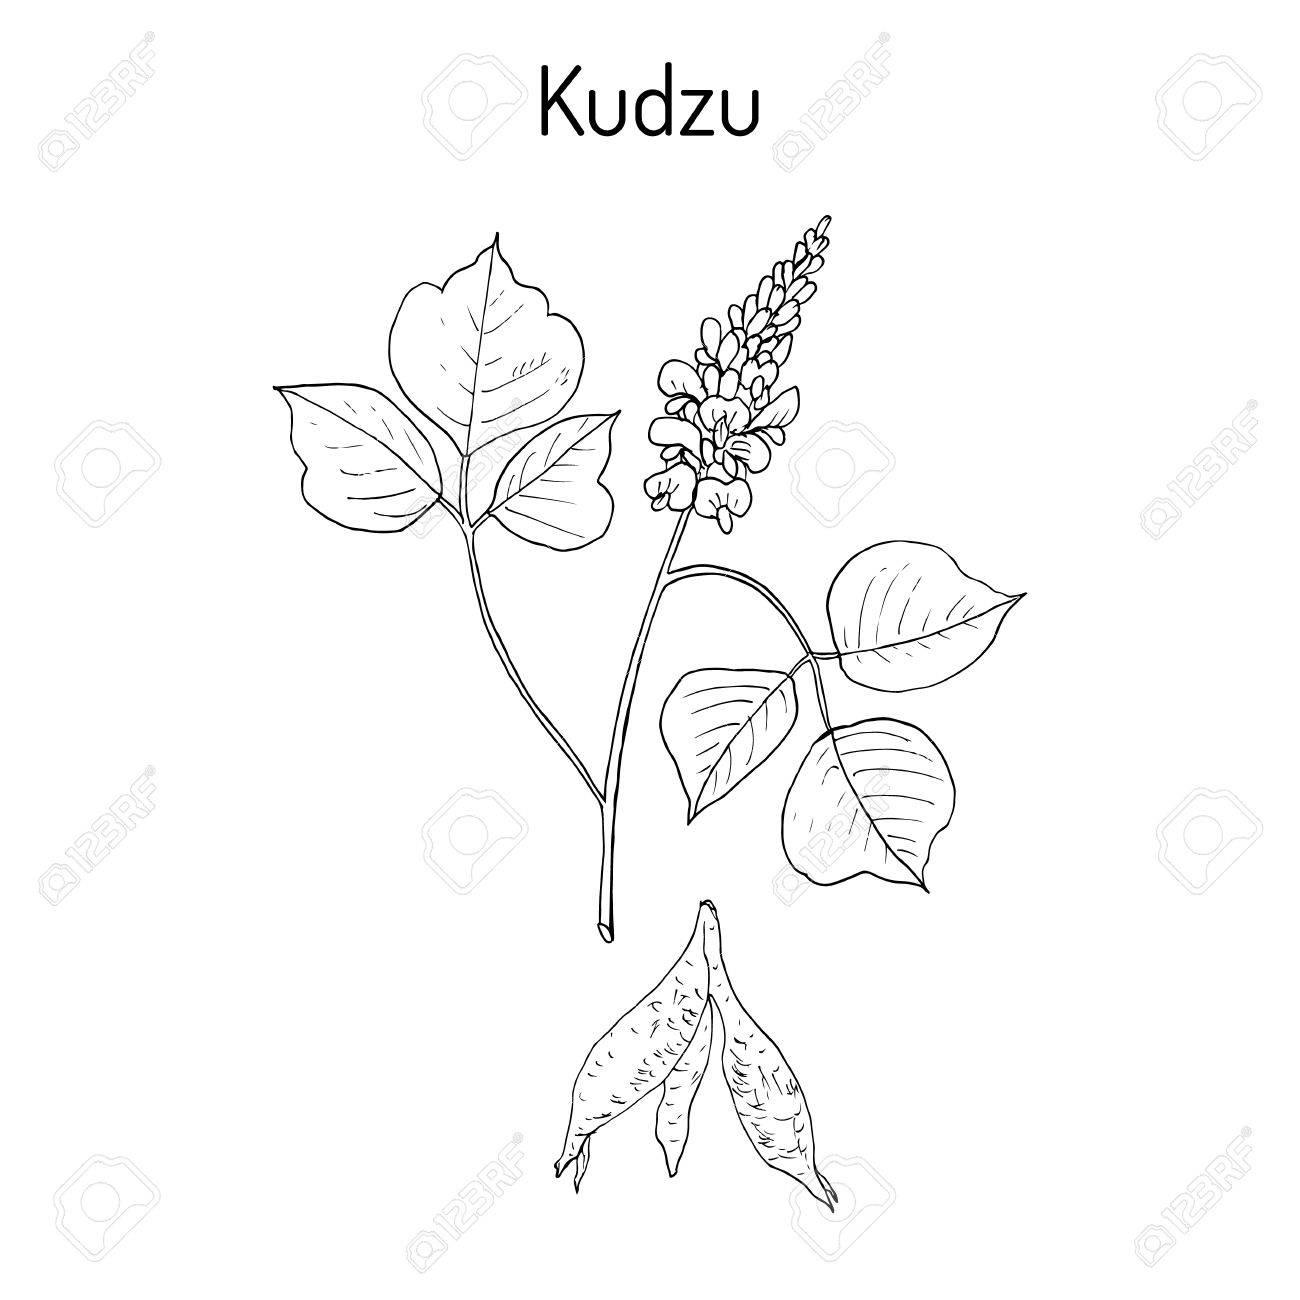 Kudzu pueraria montana , medicinal plant - 74575473